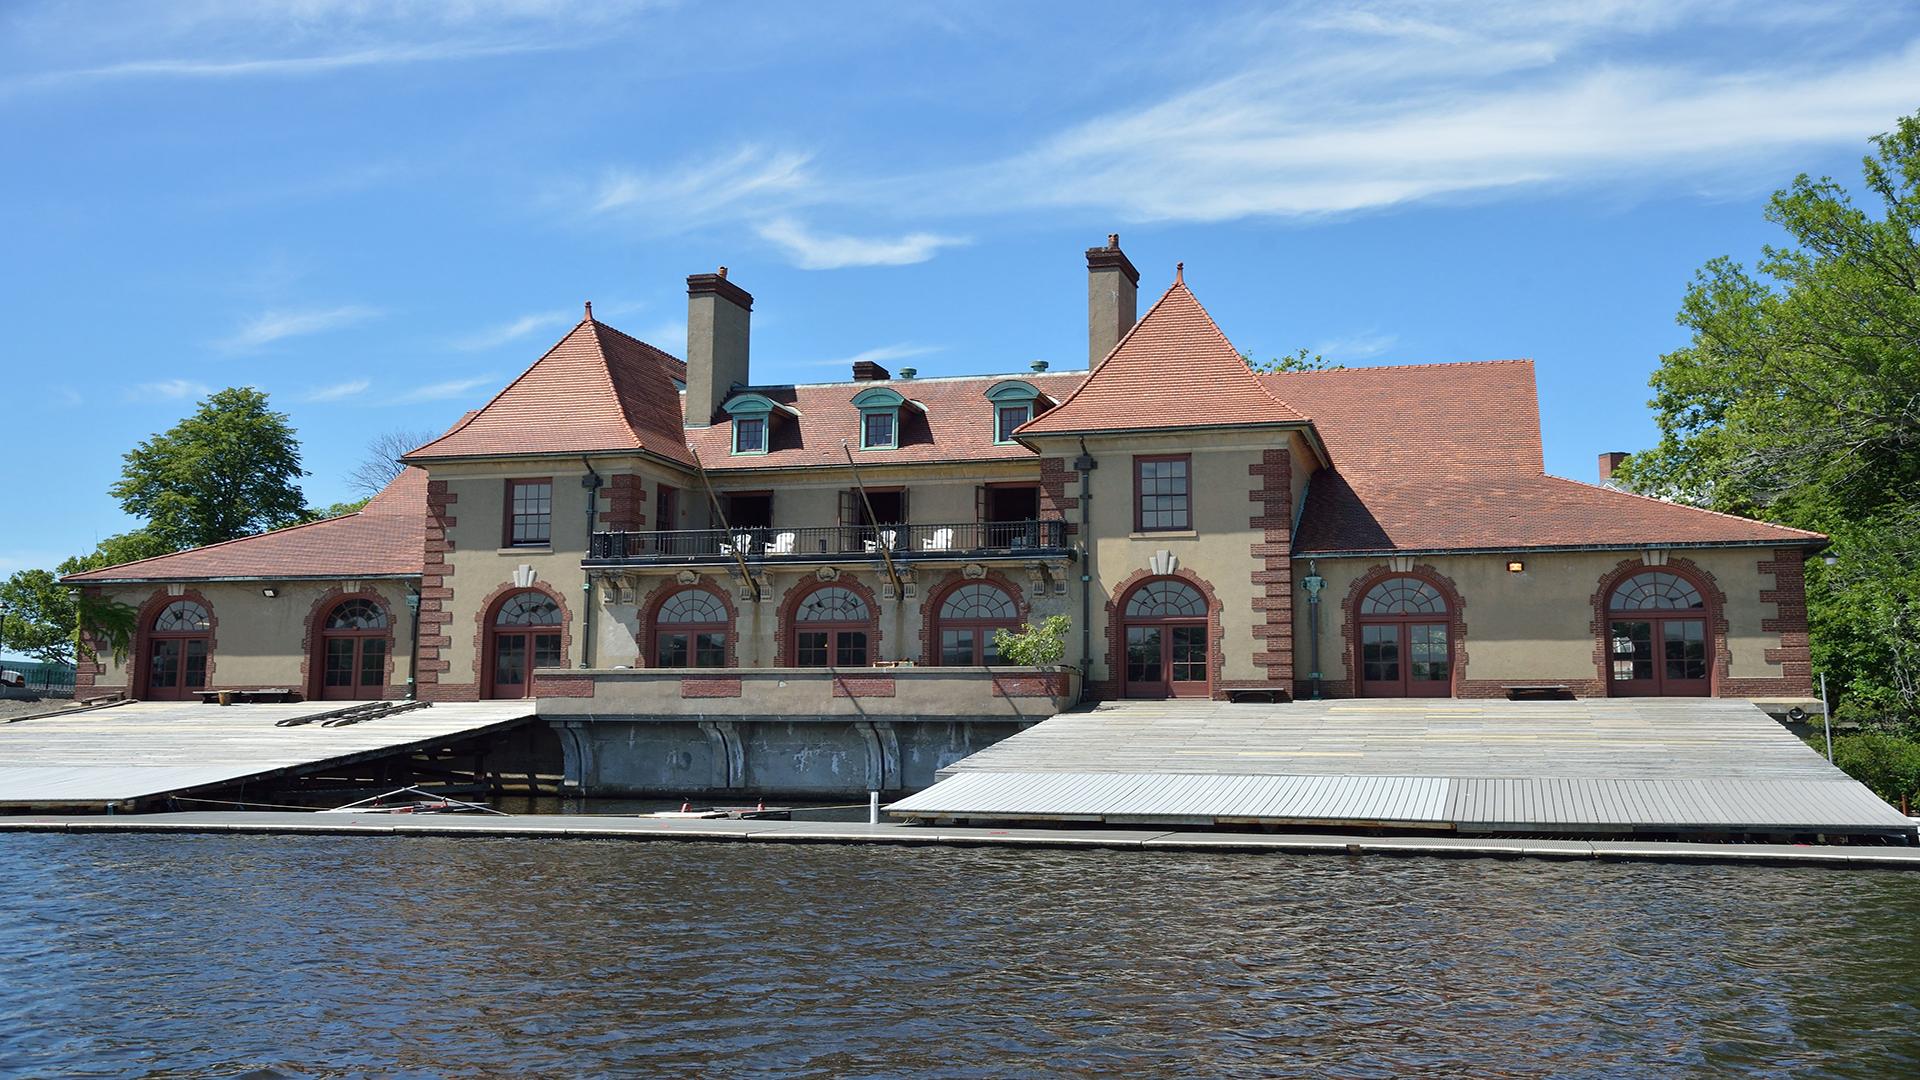 Weld Boathouse